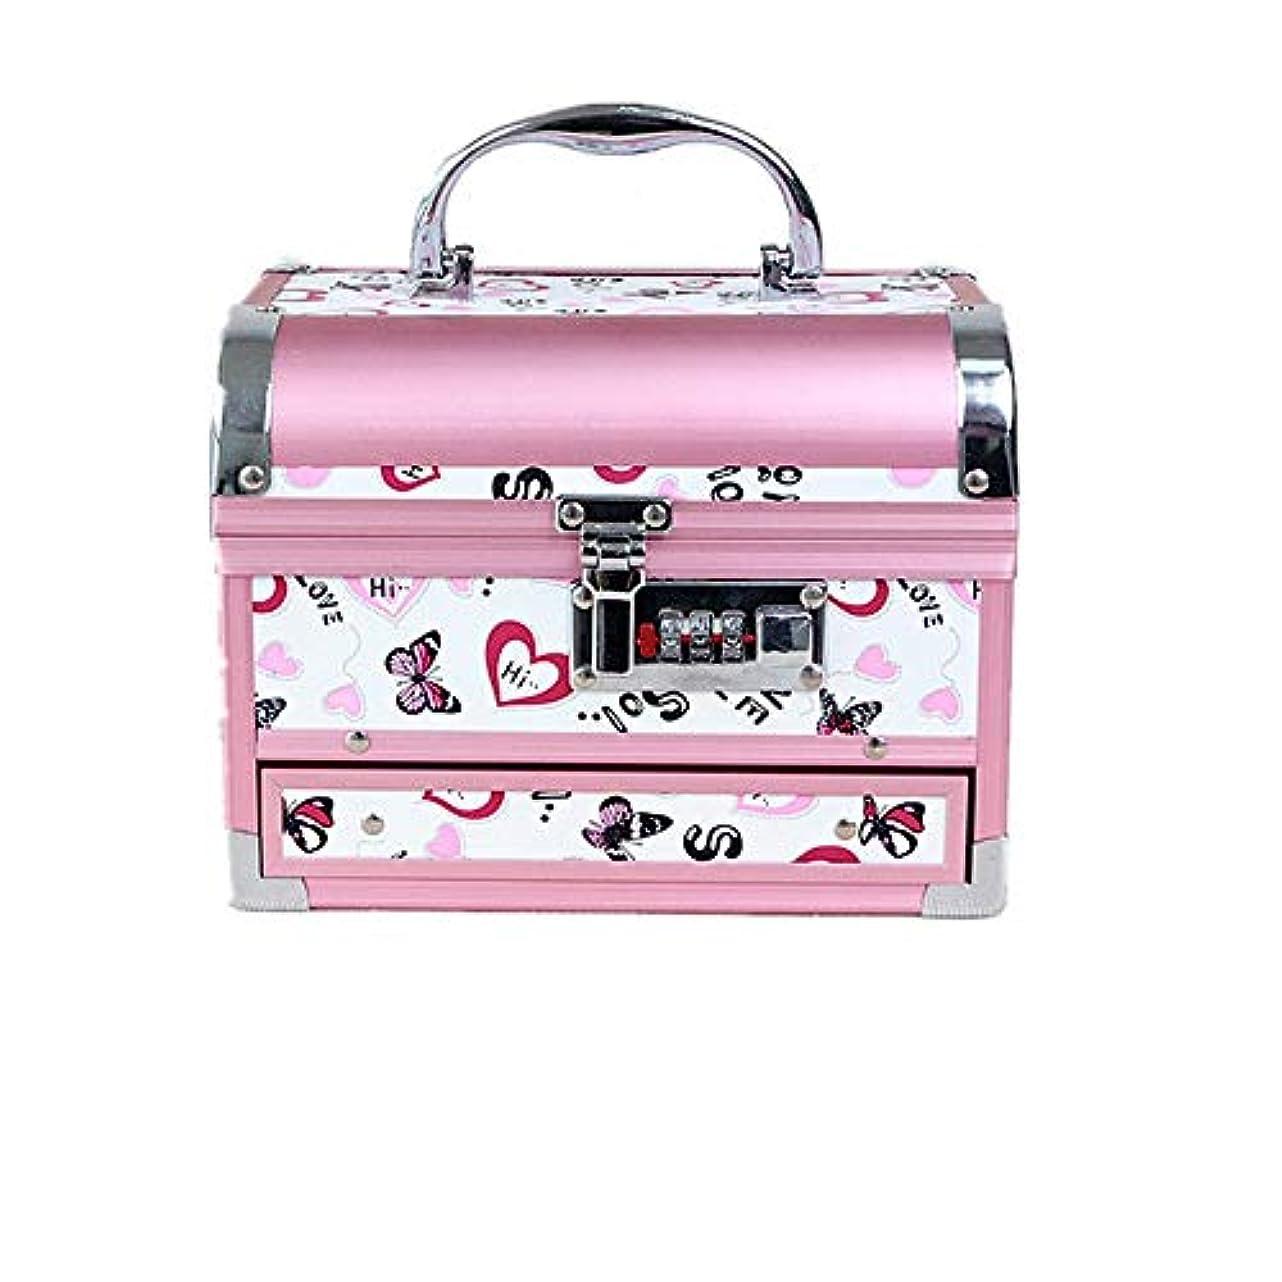 ディーラーブラシ弱い化粧オーガナイザーバッグ かわいいパターンポータブル化粧品ケーストラベルアクセサリーシャンプーボディウォッシュパーソナルアイテムストレージロックと拡張トレイ 化粧品ケース